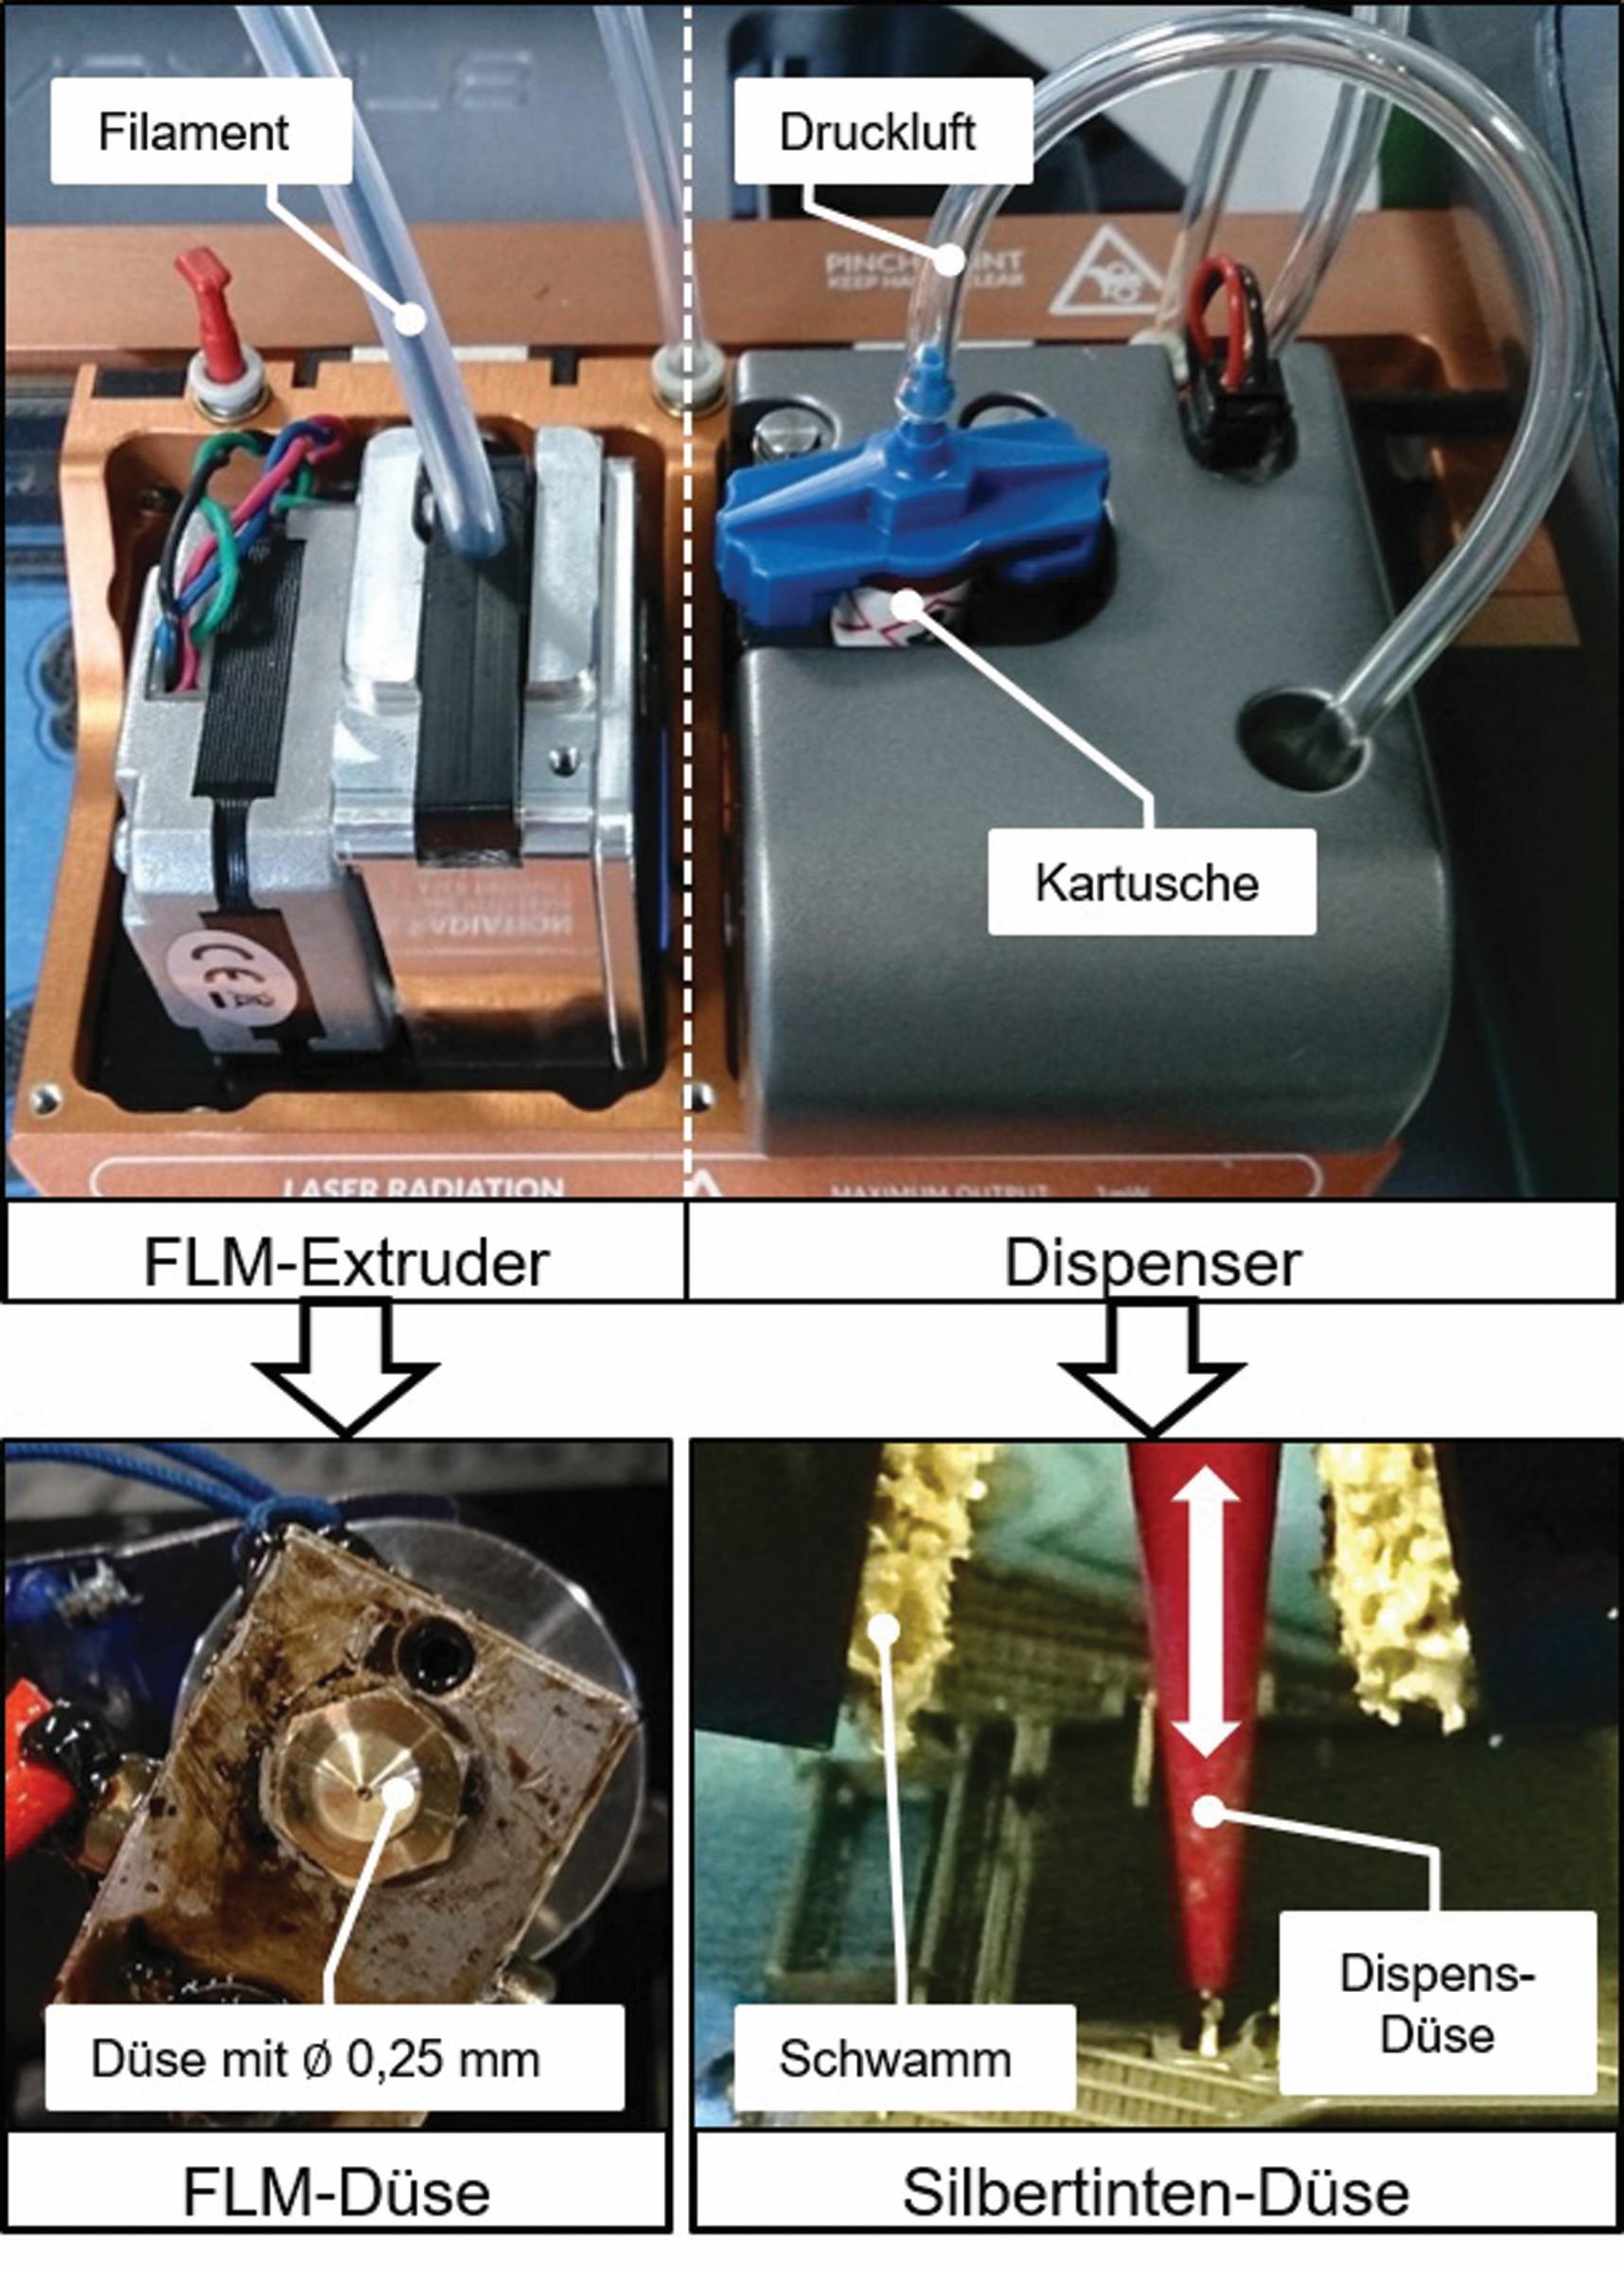 Bild 2: Visualisierung des hybriden Voxel8-Prozesses. In der oberen Hälfte werden beide Fertigungseinheiten in ihrem gemeinsamen Maschinenrahmen dargestellt. In der unteren Hälfte werden die Düsen der jeweiligen Extruder beziehungsweise Dispens-Einheiten gegenübergestellt. (Bild: FAU Erlangen-Nürnberg)